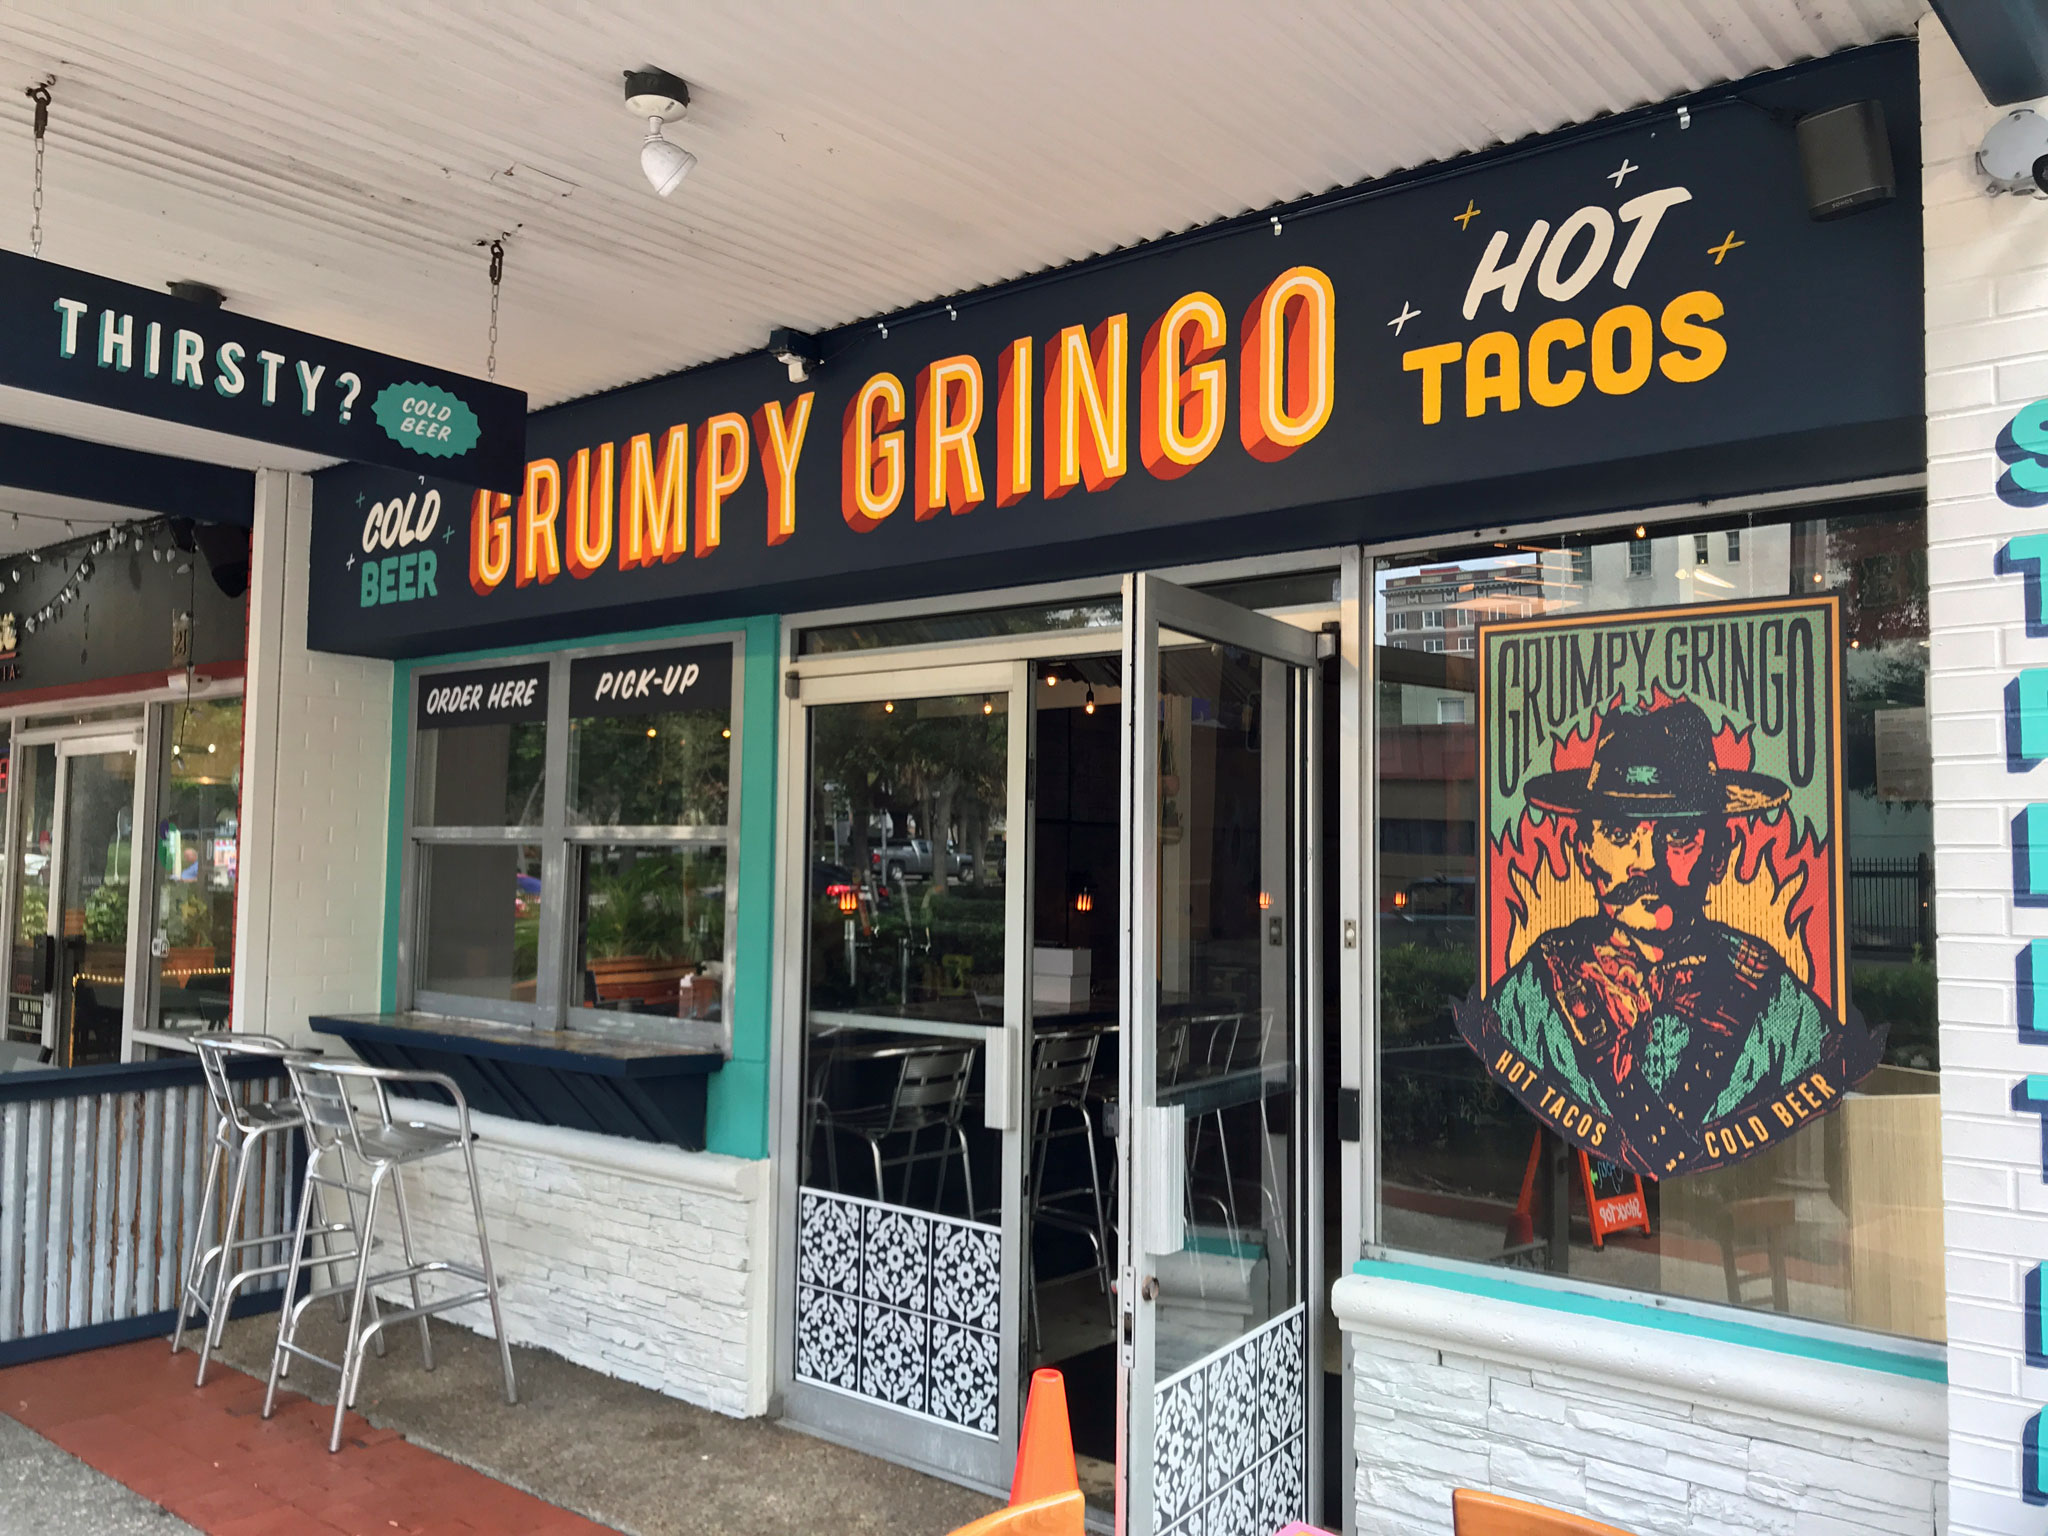 Grumpy Gringo